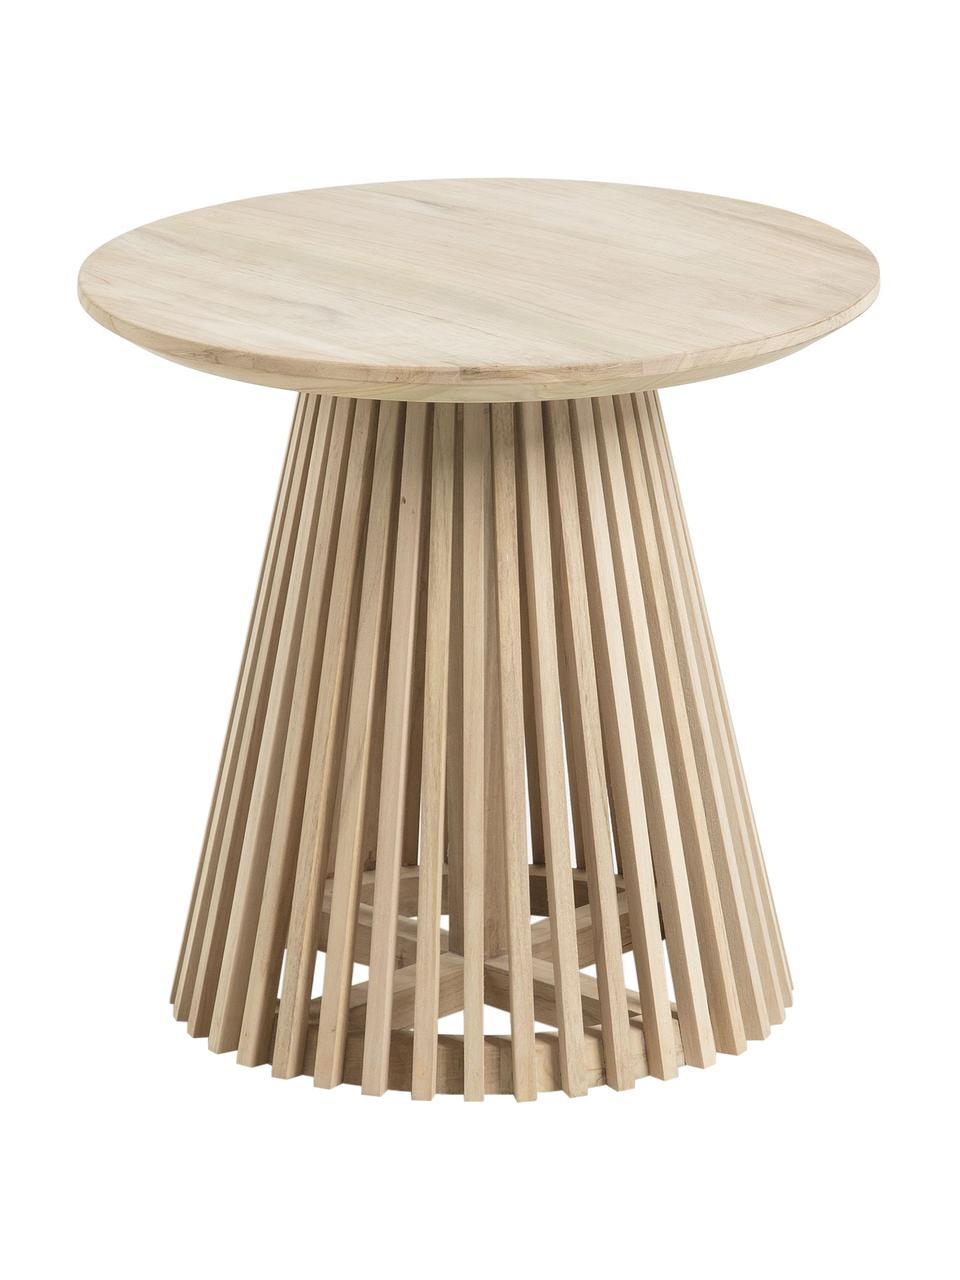 Ronde bijzettafel Jeanette van hout, Gelakt teakhout, Teakhoutkleurig, Ø 50 x H 48 cm